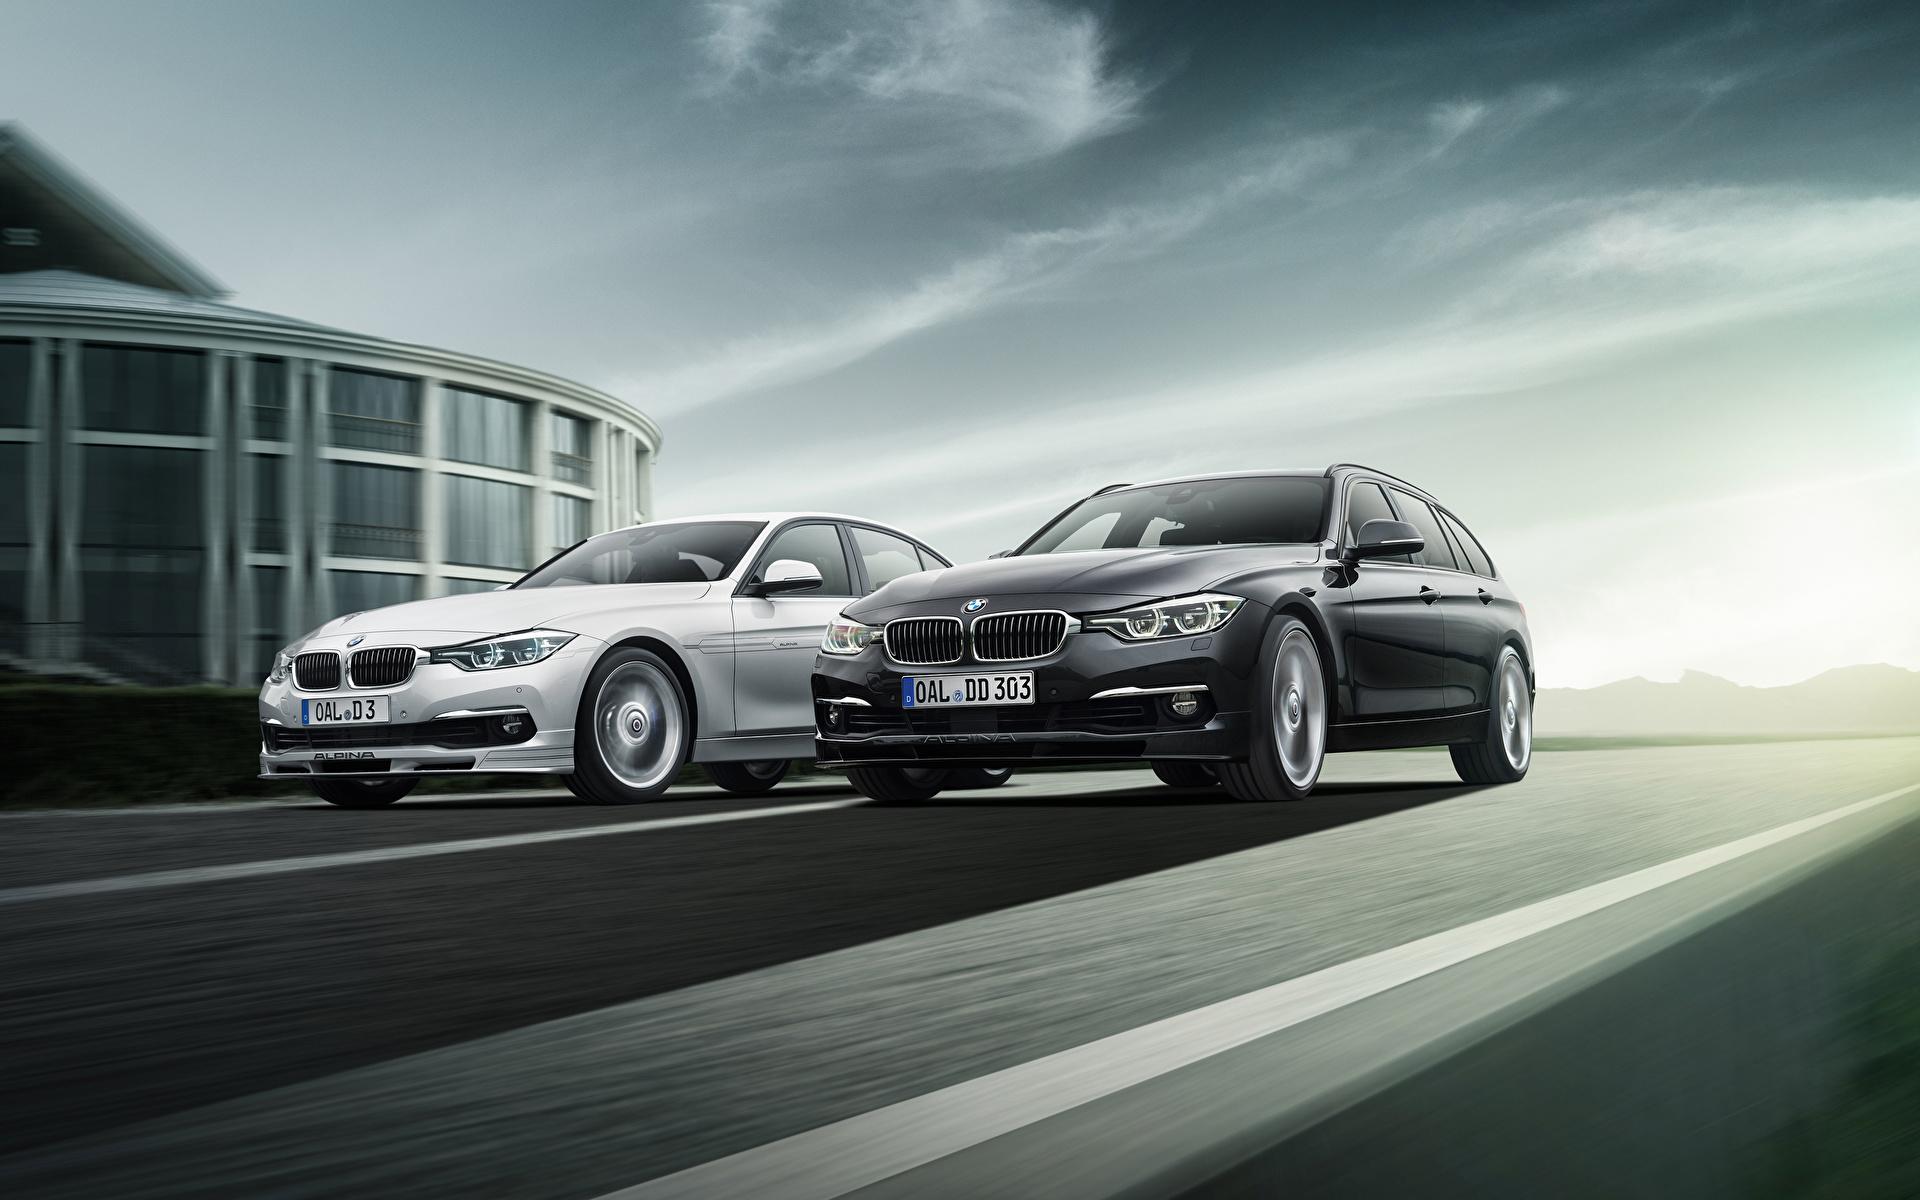 Фотография BMW F31 Alpina 2013 F30 3 Series вдвоем автомобиль 1920x1200 БМВ 2 два две Двое авто машины машина Автомобили